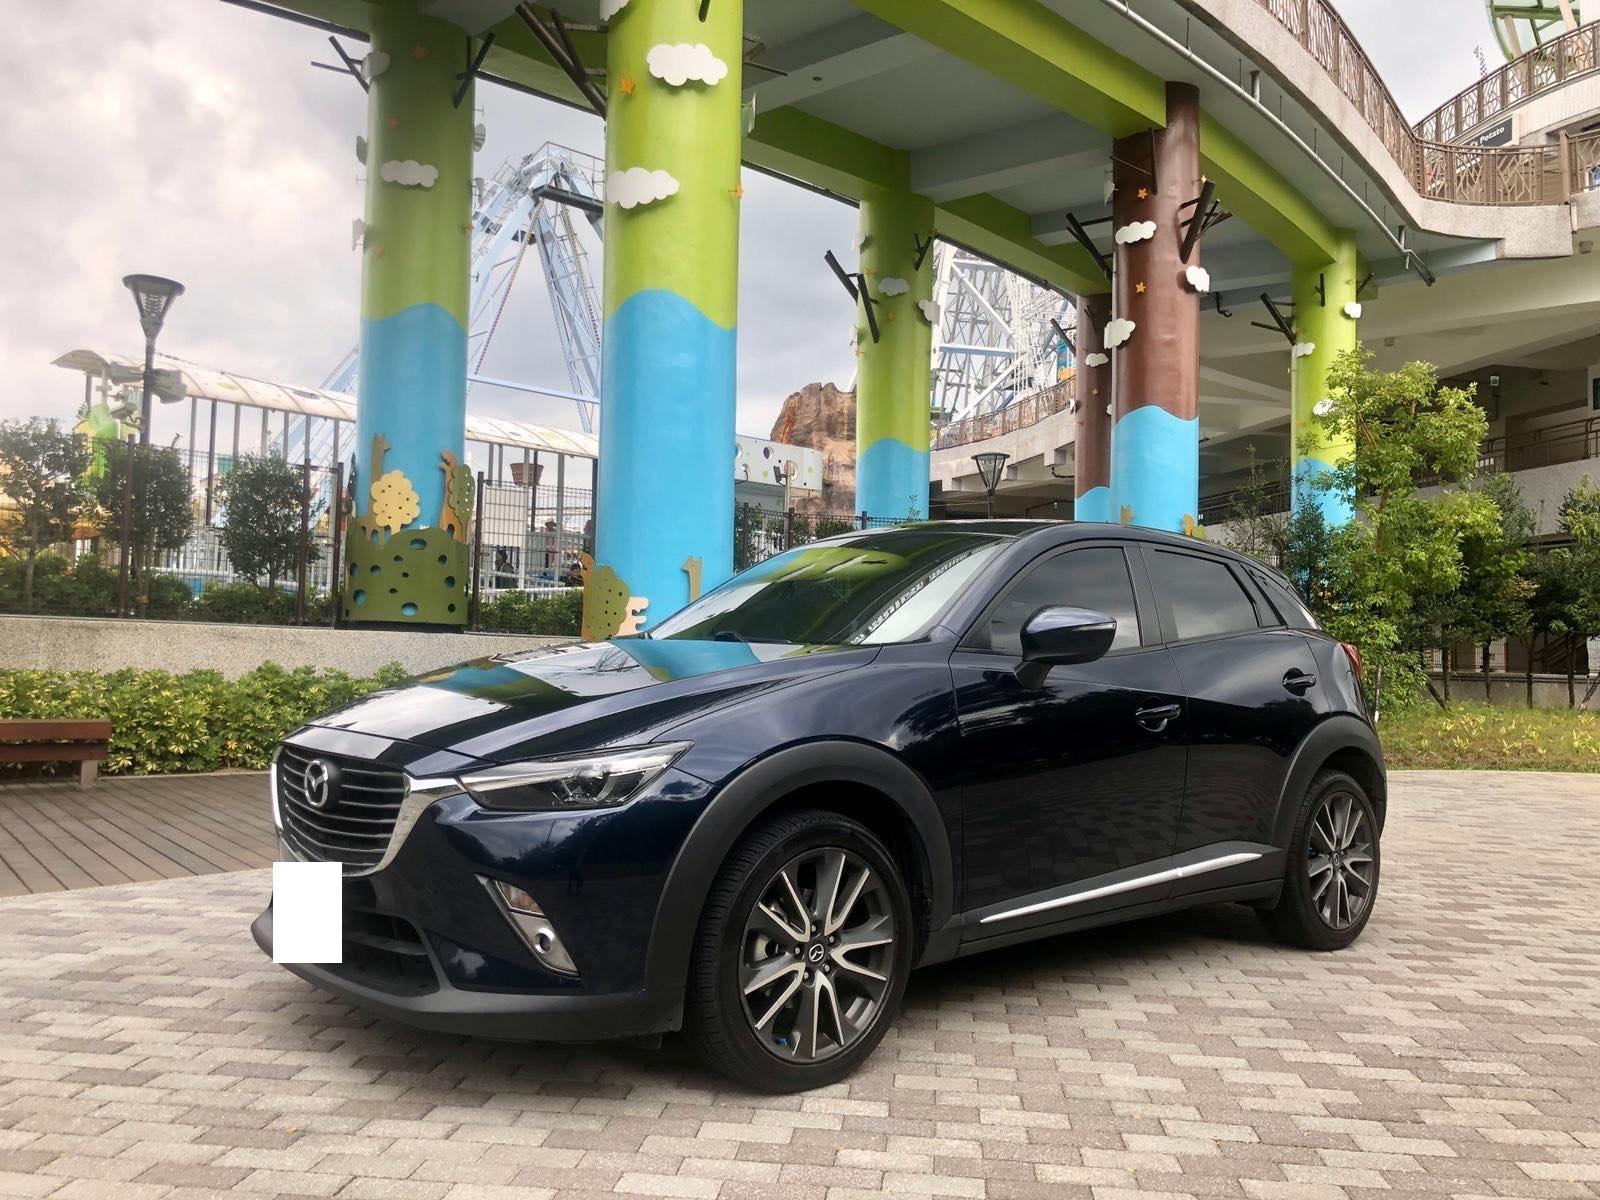 2016 Mazda 馬自達 Cx-3